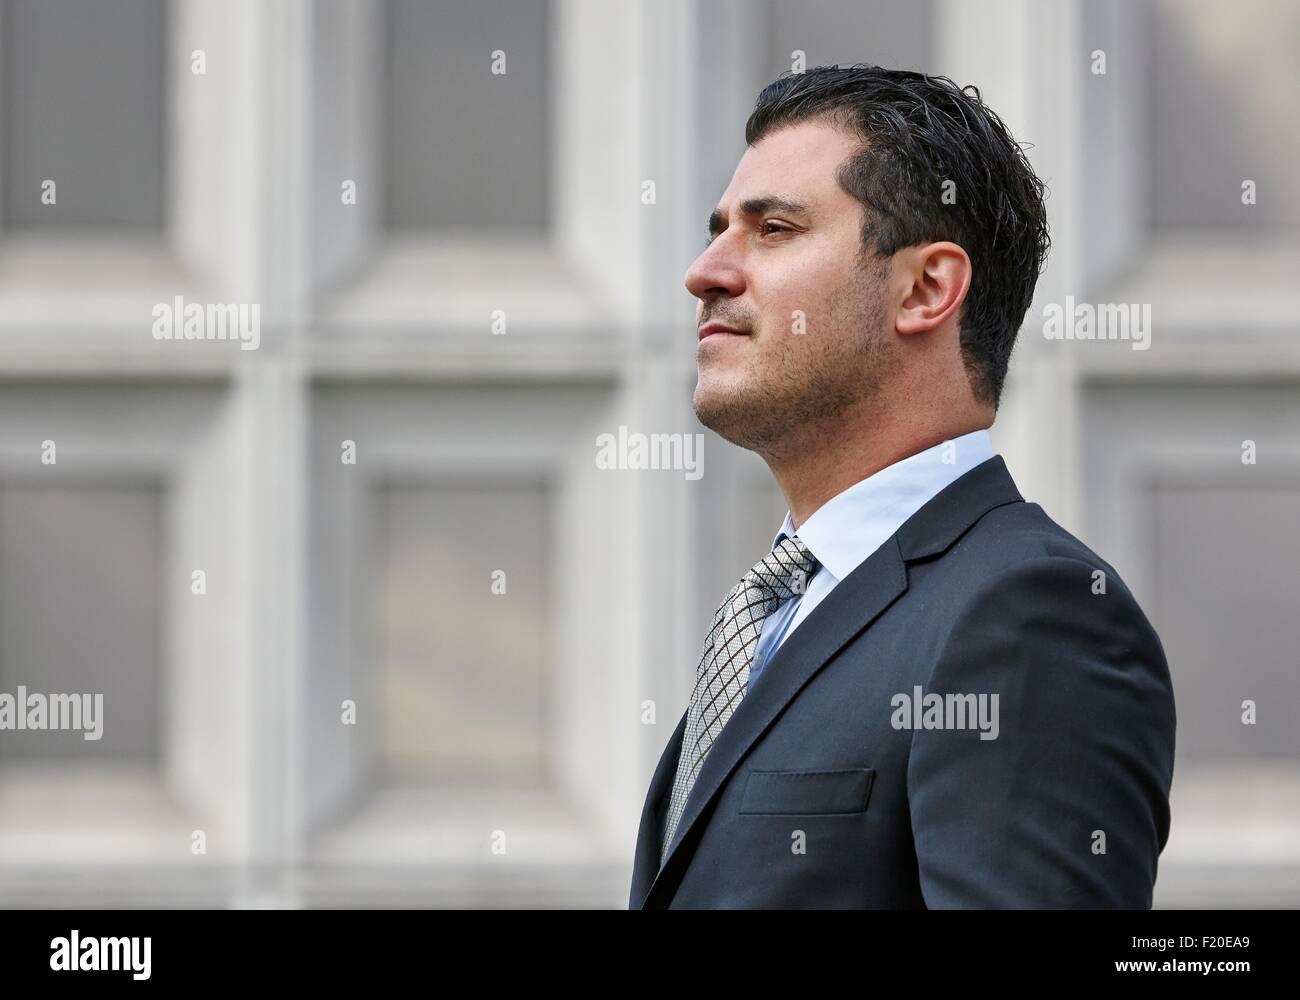 Ritratto di metà adulto uomo d affari che guarda lontano. vista laterale Immagini Stock